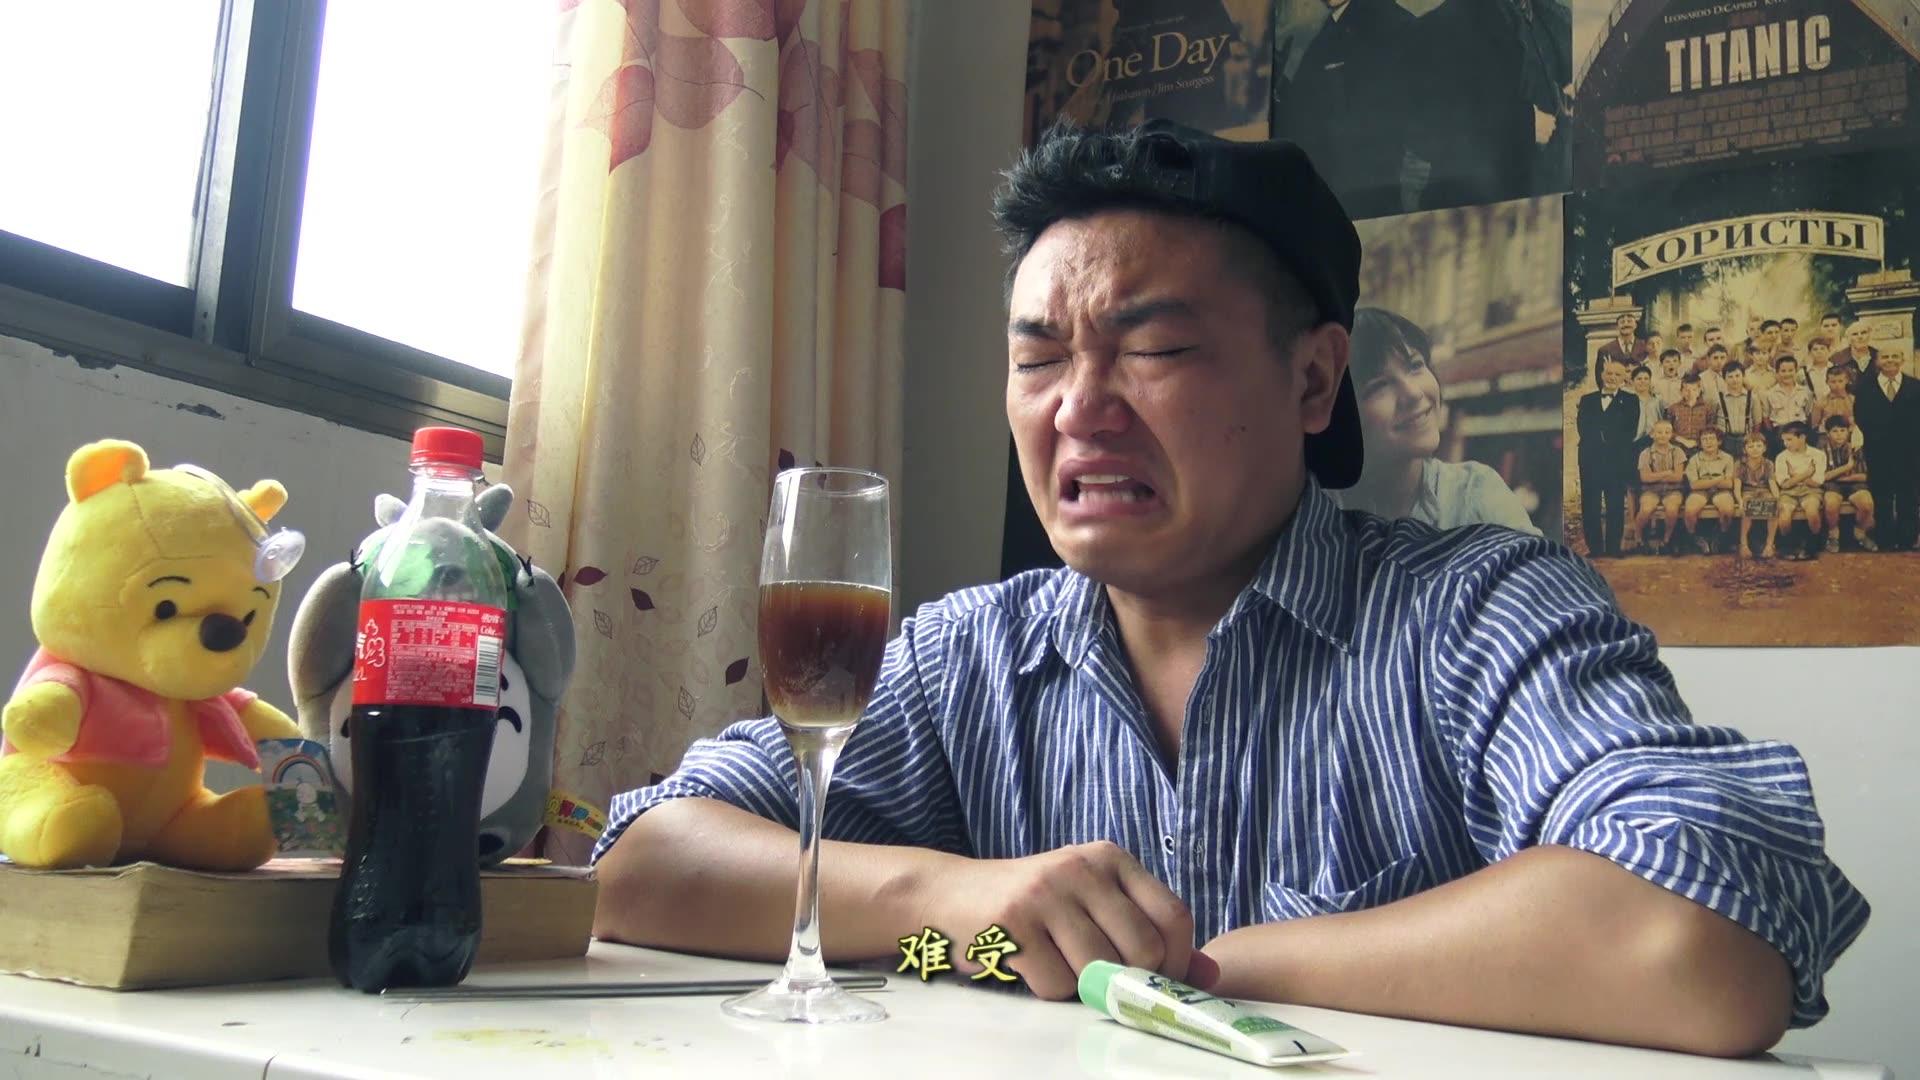 作死挑战可乐芥末,喝了俩口胃里面烧得慌